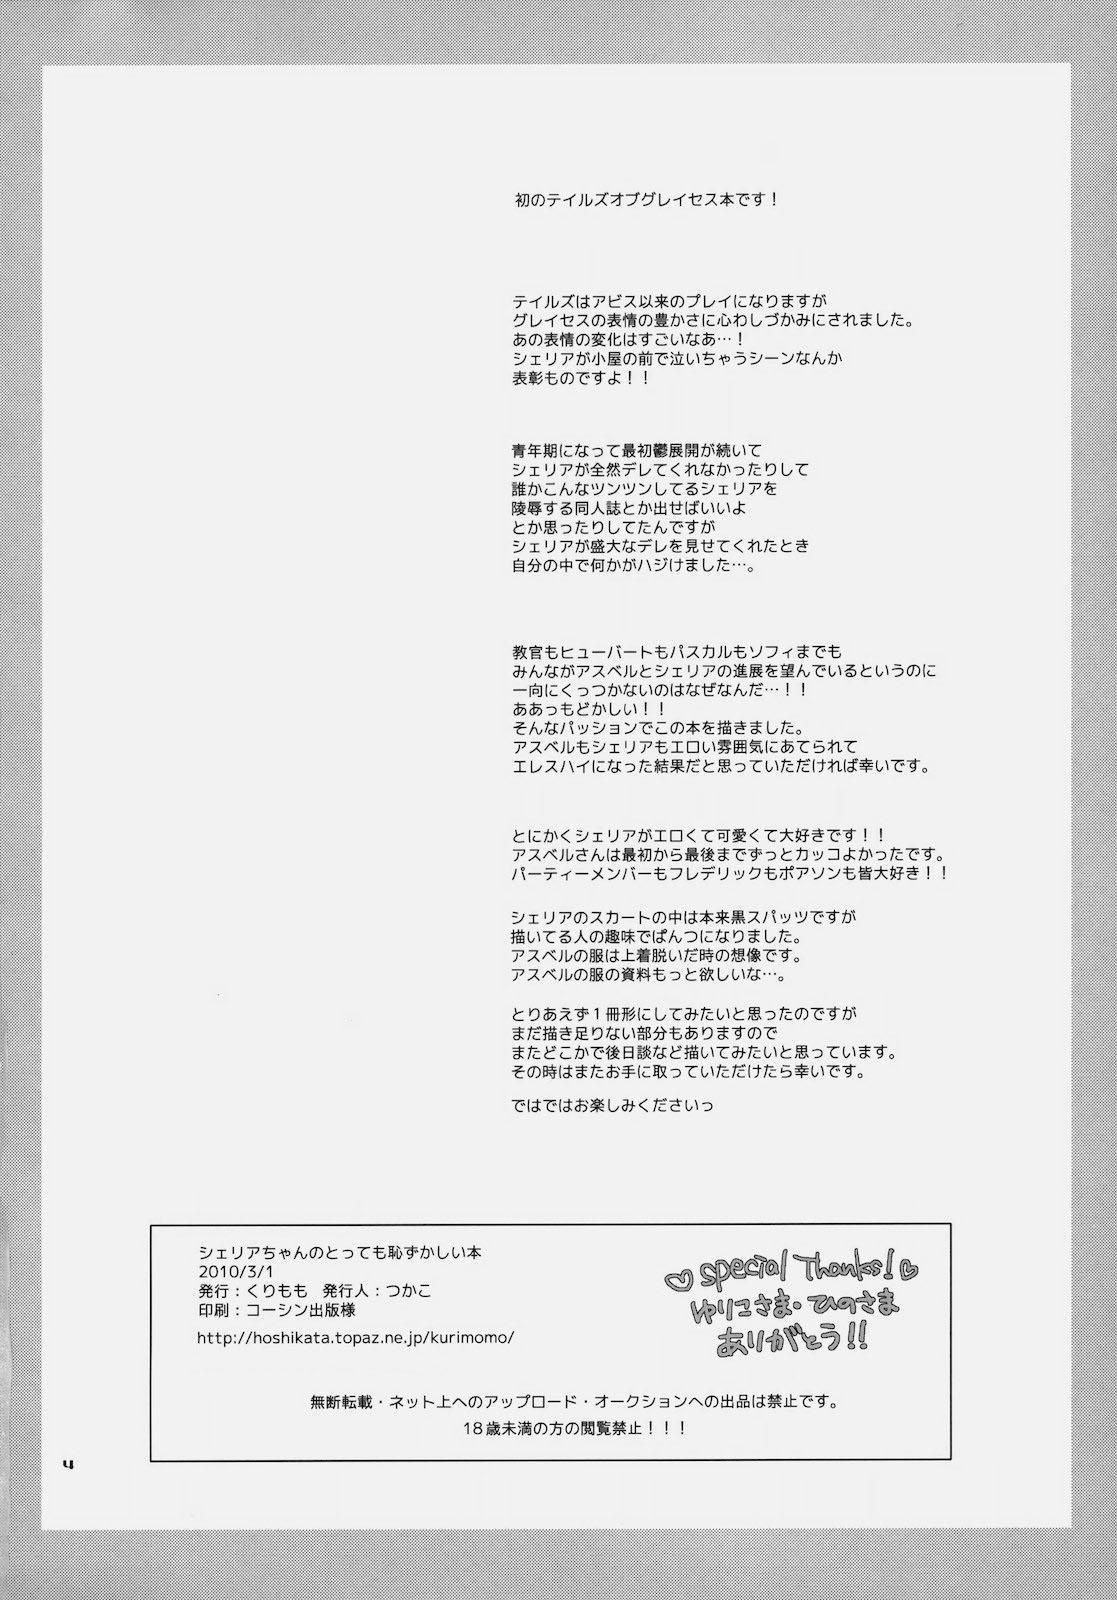 Cheria-chan no Tottemo Hazukashii hon 2